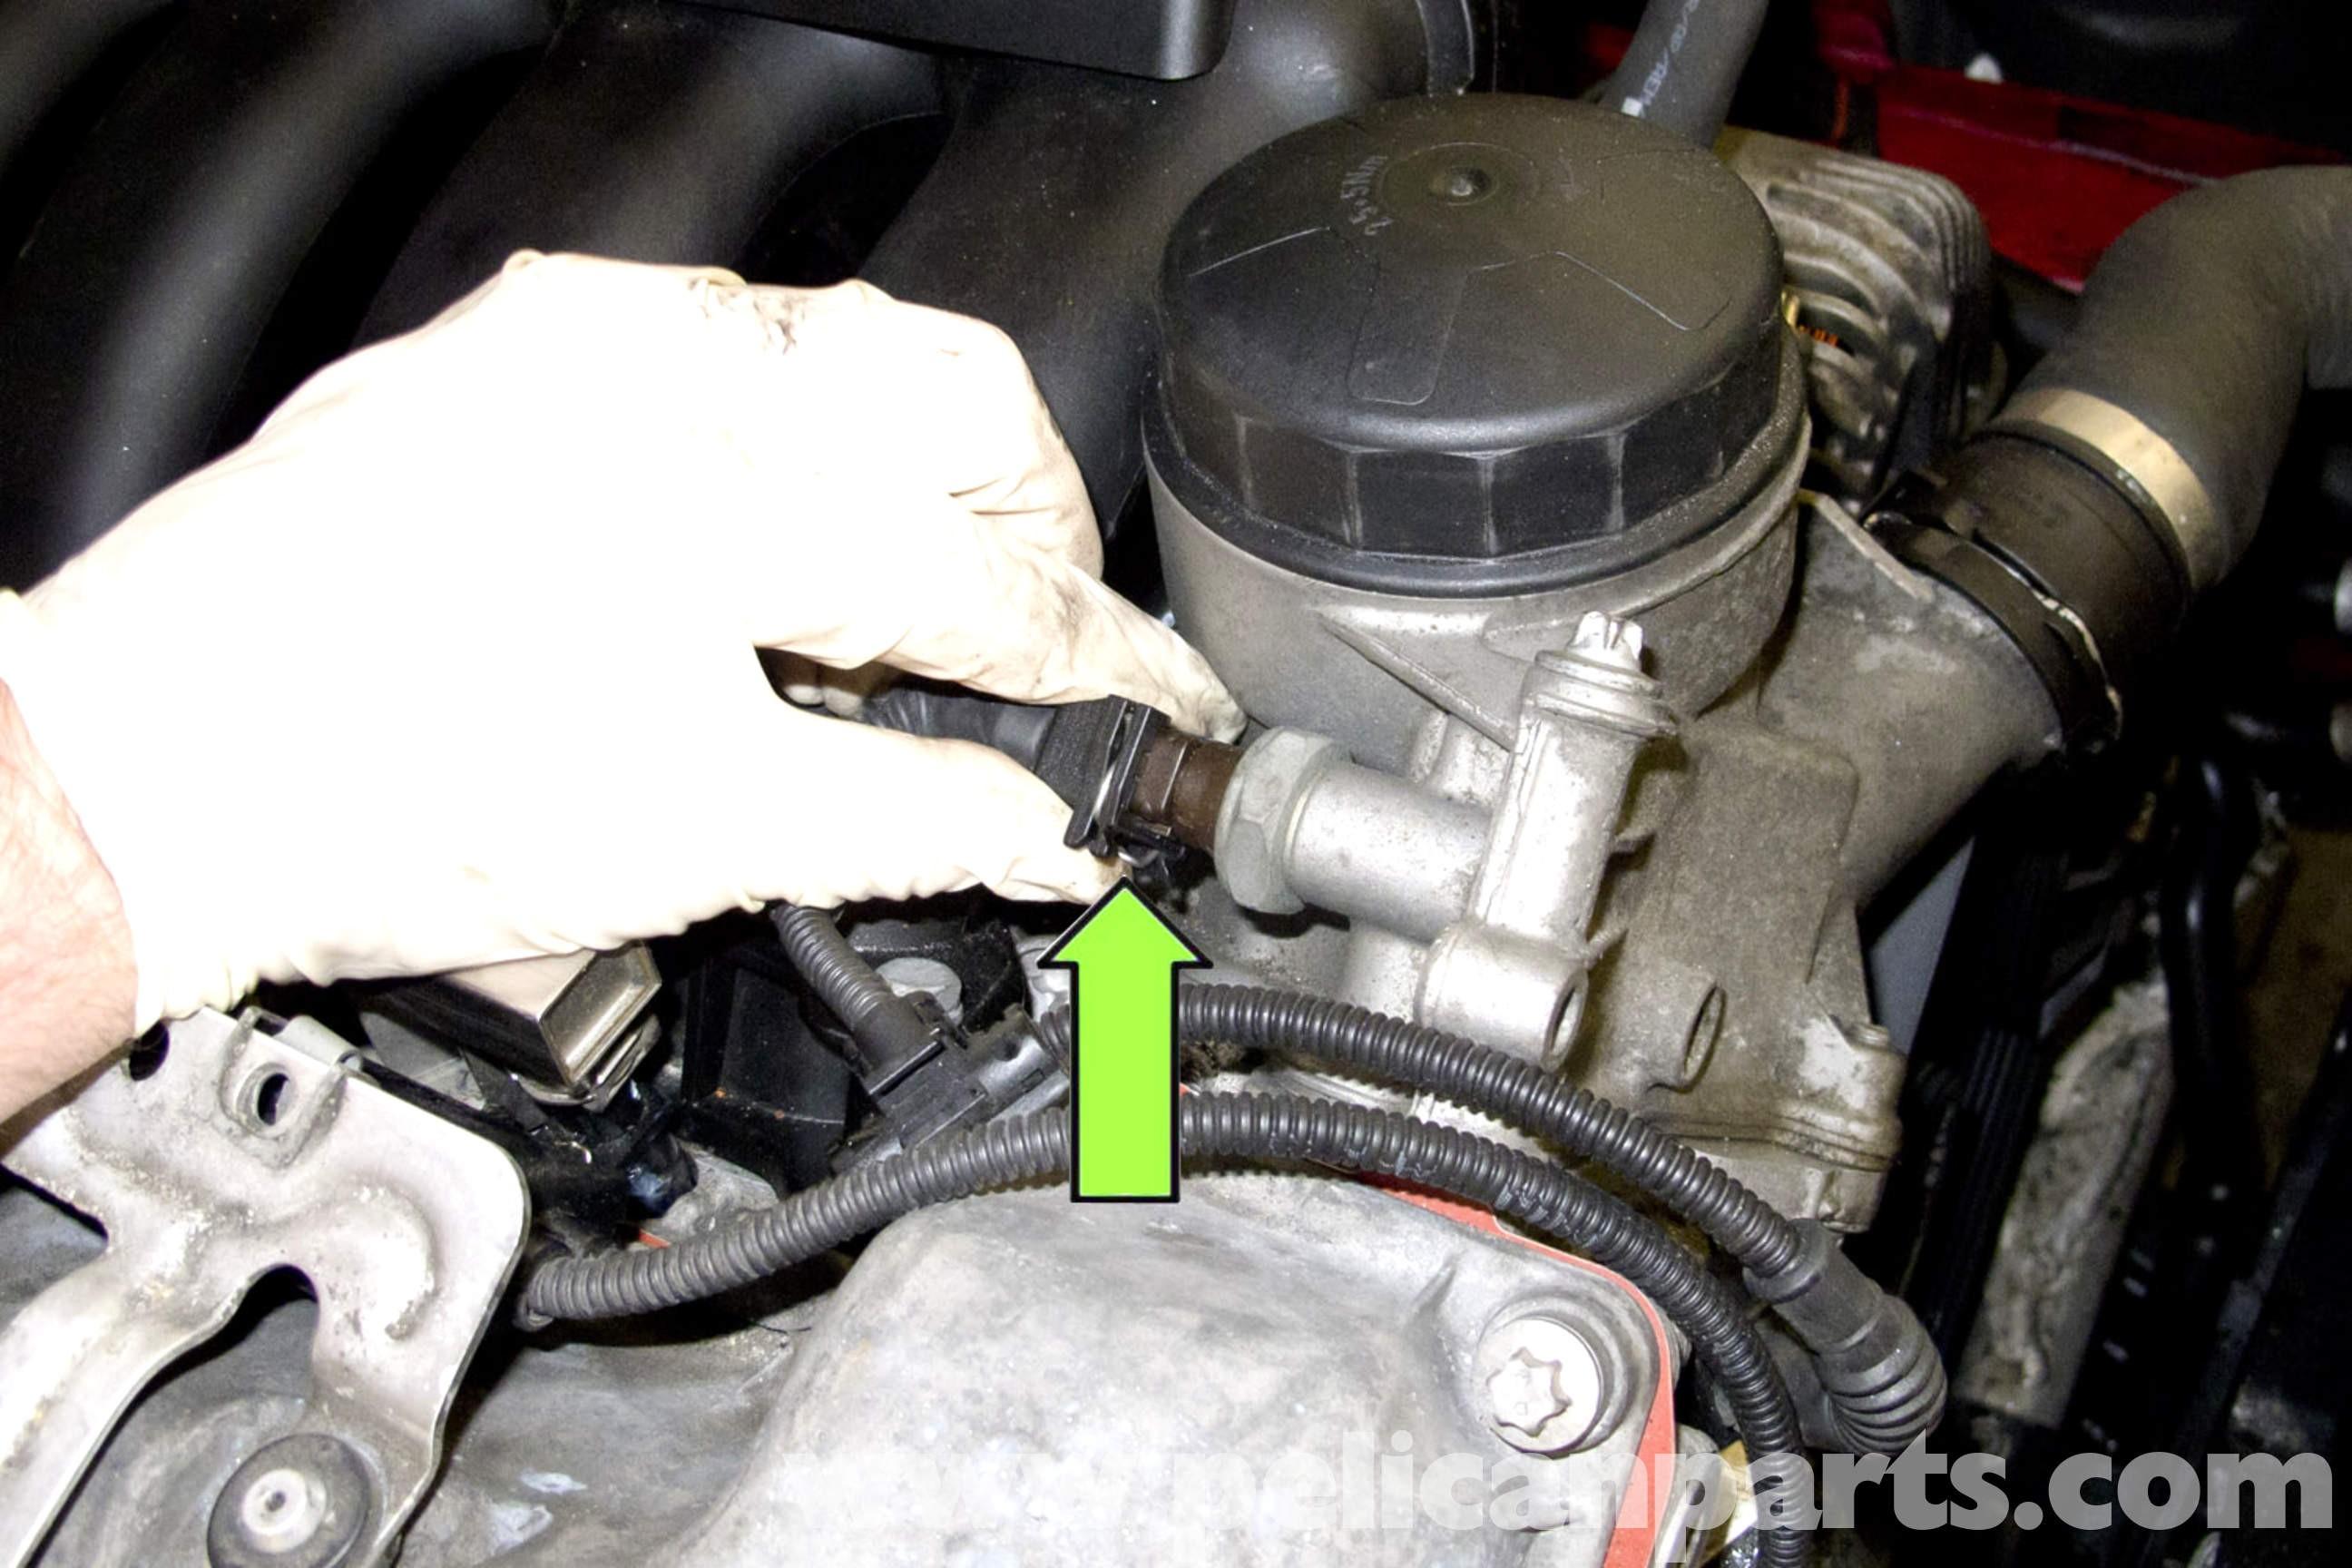 2007 Bmw 328i Engine Diagram Bmw E90 Engine Temperature Sensor Replacement